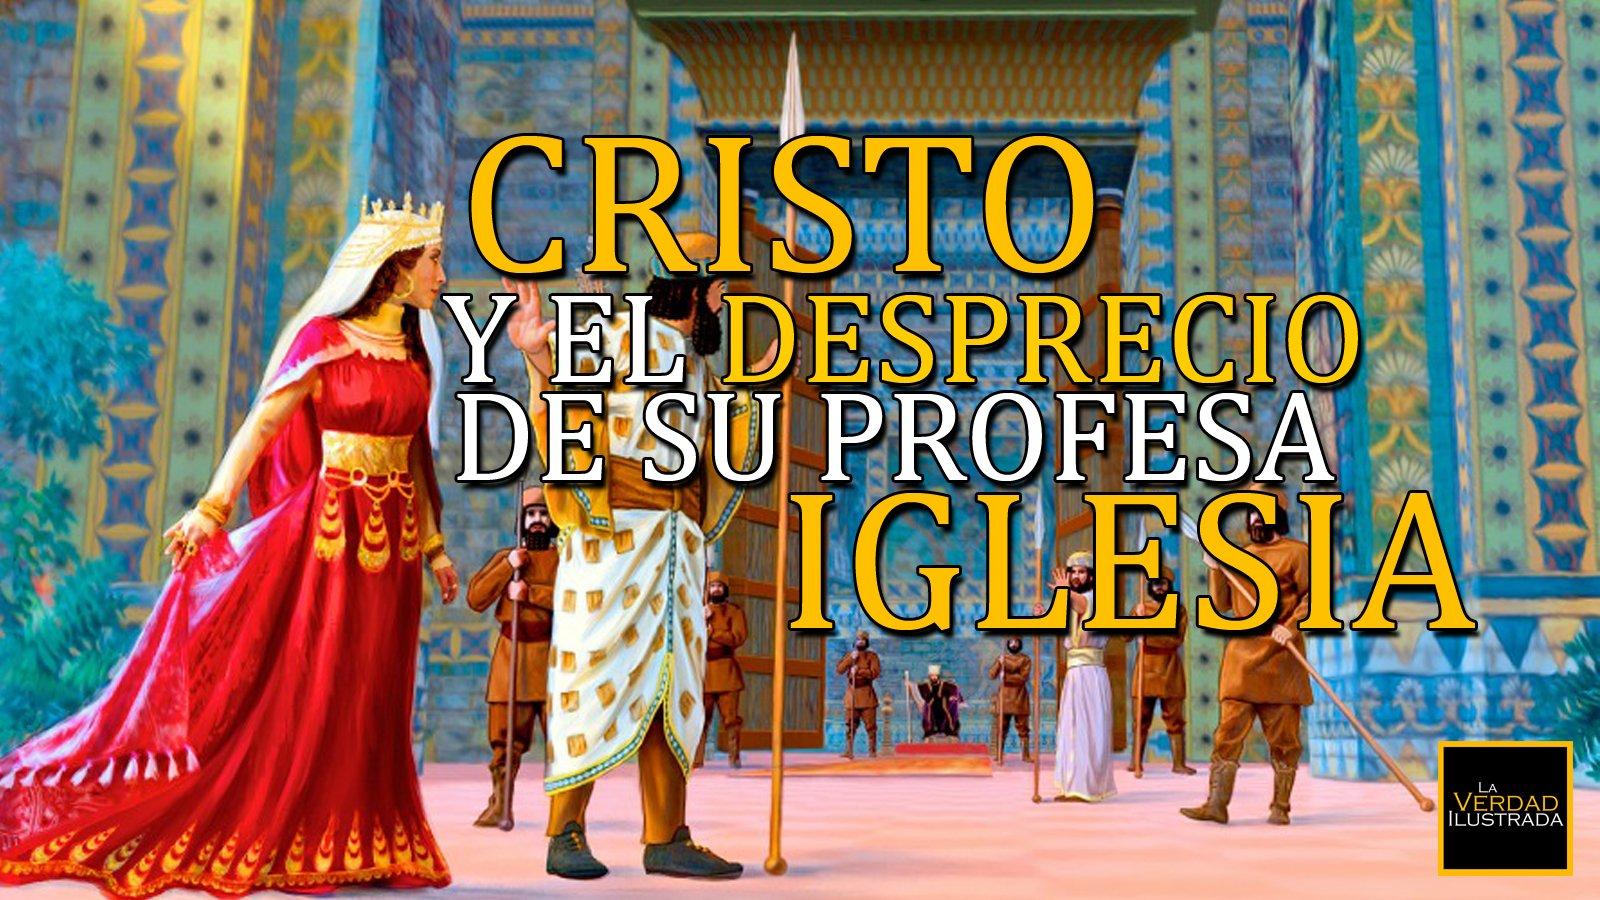 Cristo y el desprecio de su profesa iglesia